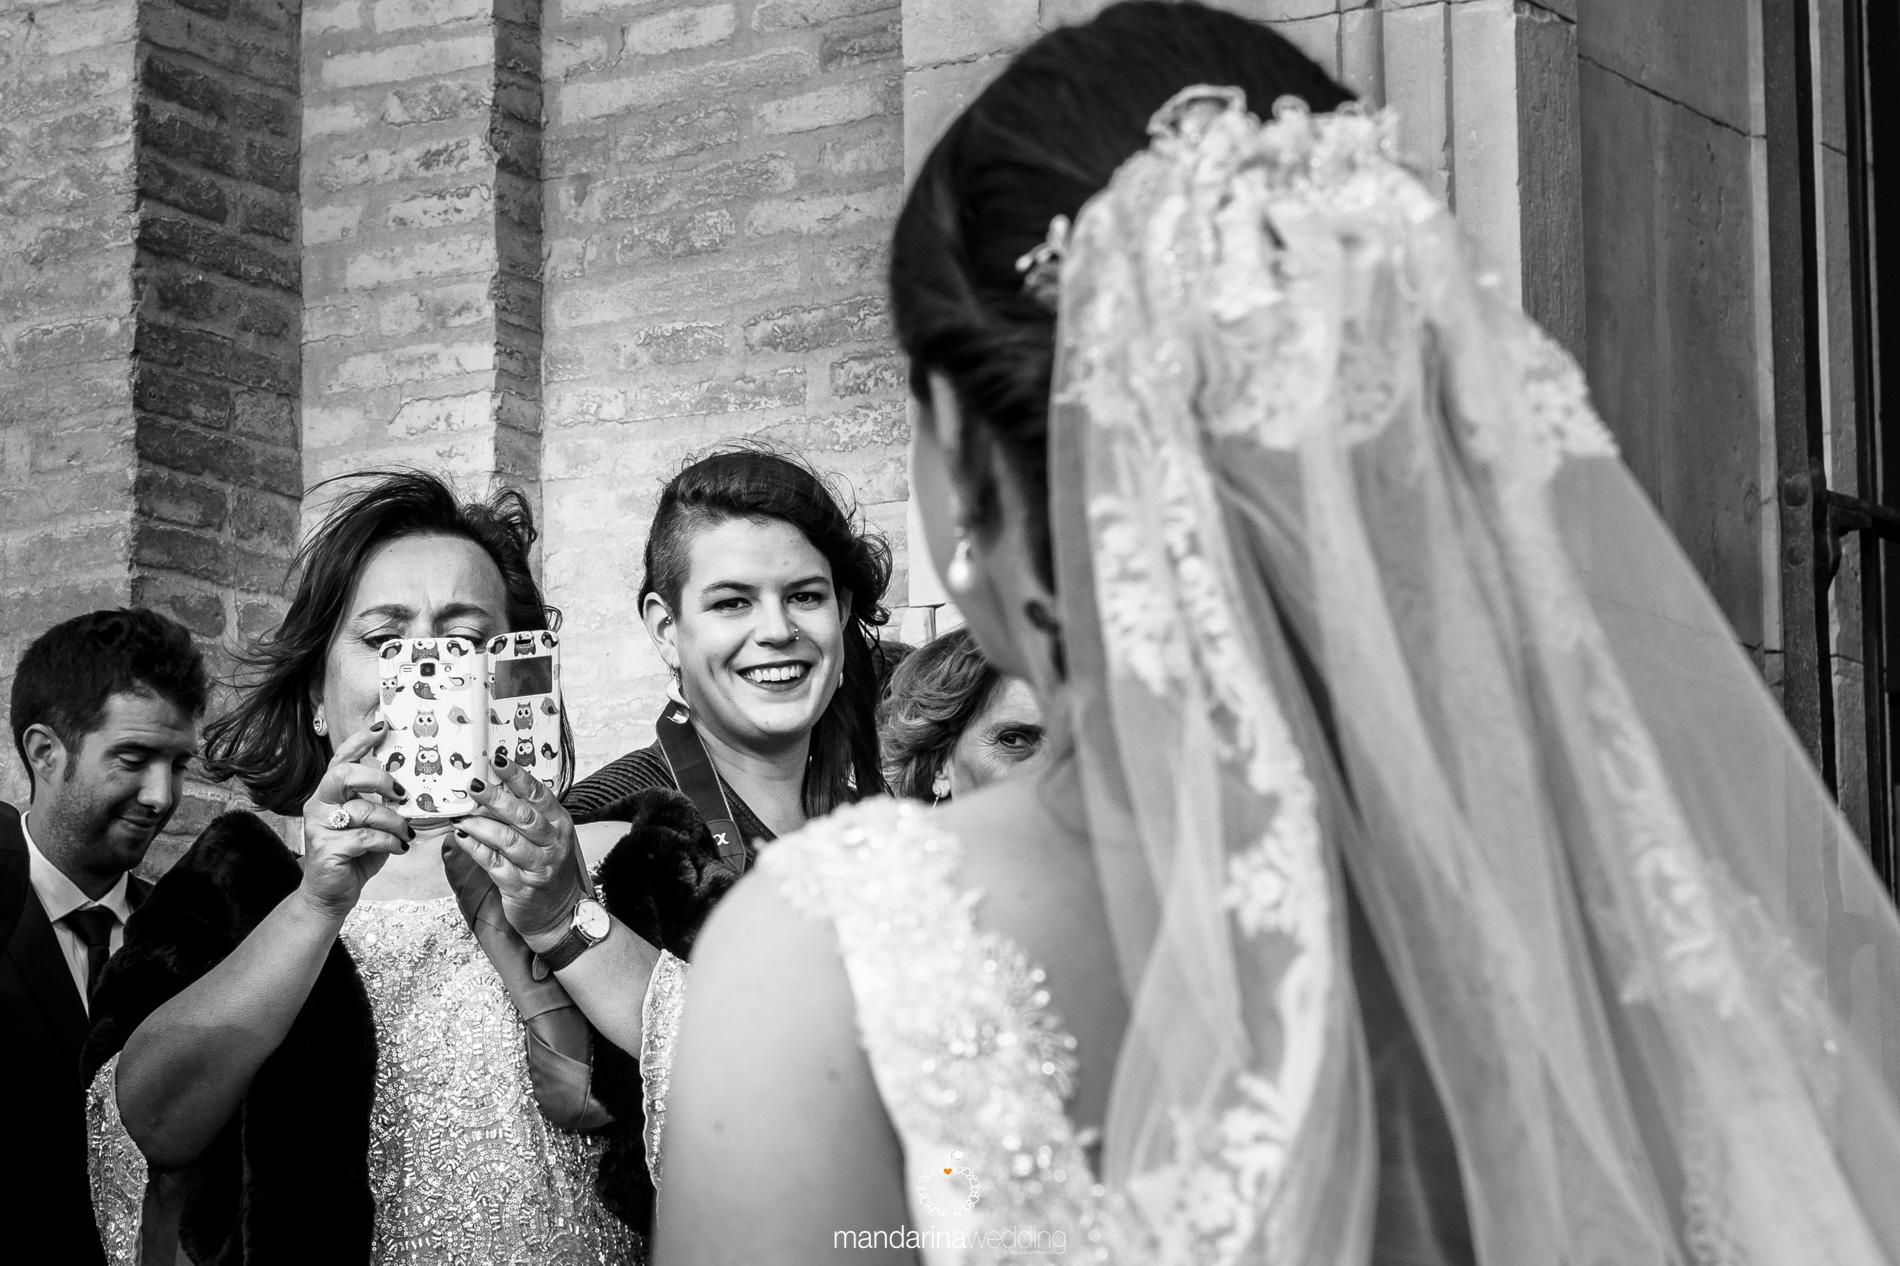 mandarina wedding, fotografo de boda, fotografo boda soria, fotografo boda barcelona, fotografo boda Madrid, fotografo boda lerida, fotografo boda Huesca, fotografo de destino_011